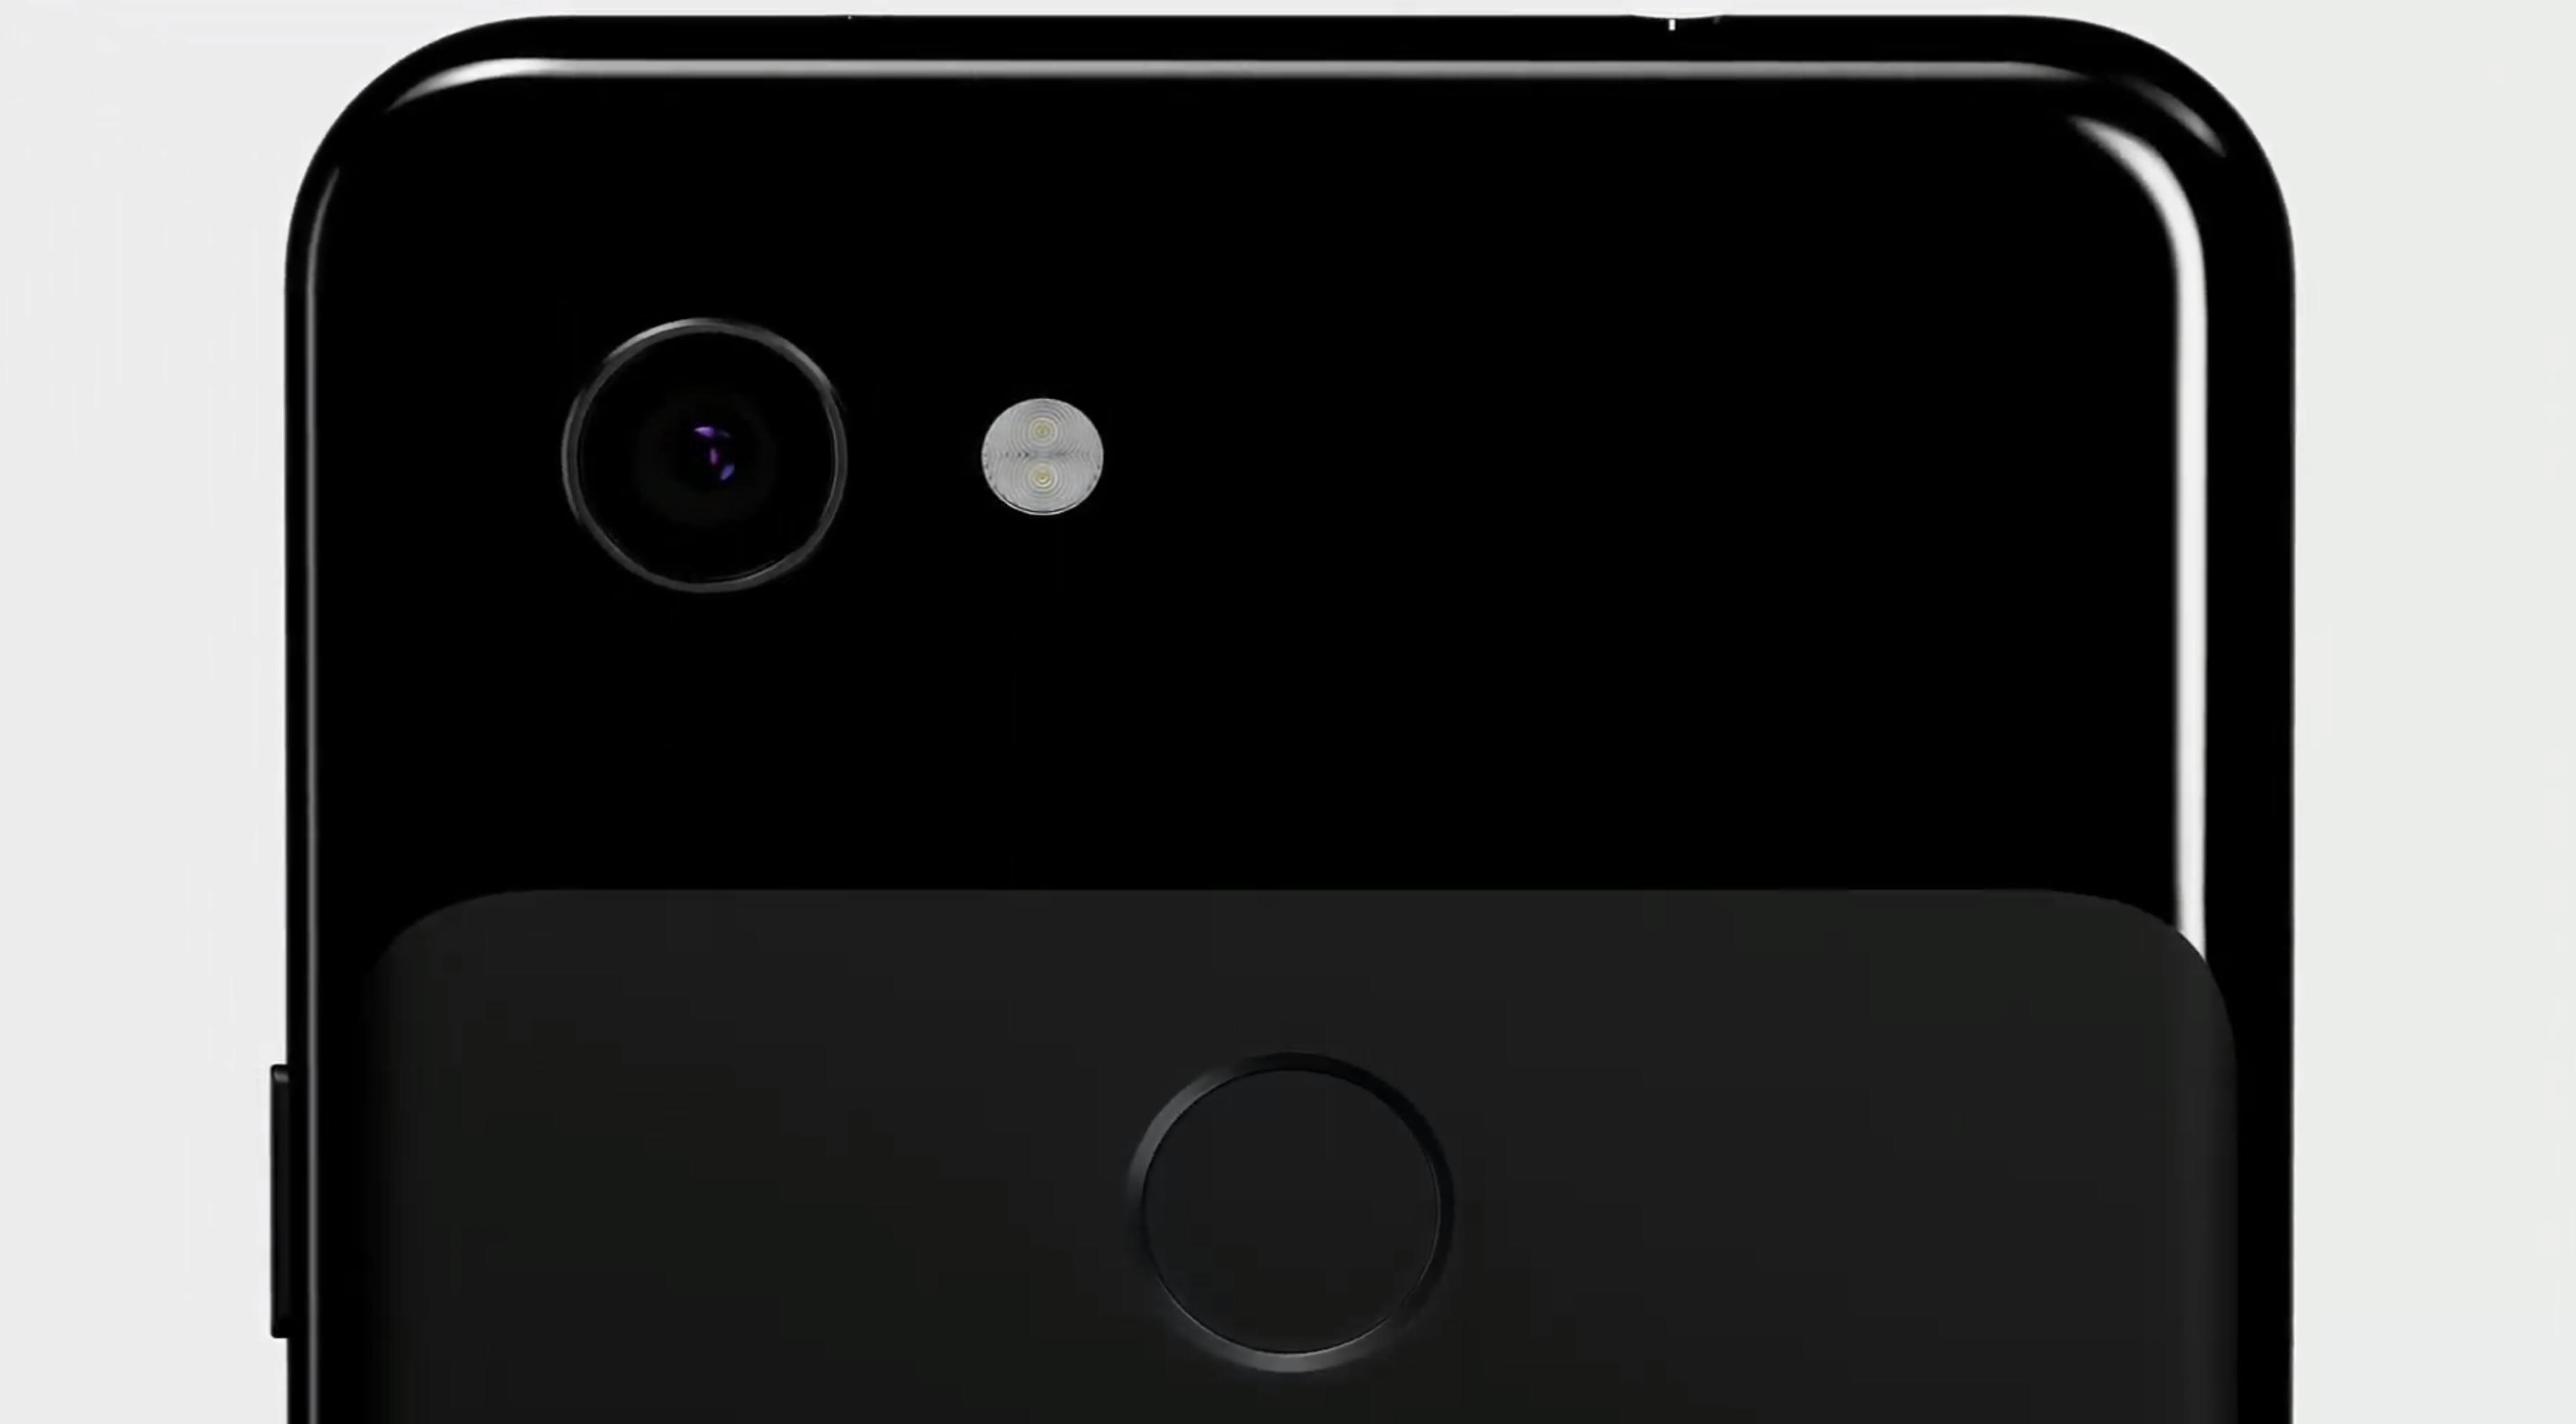 Pixel 3a-modellene har klassisk Pixel-design med to forskjellige utførelser på baksiden. Men begge delene er plast - her er det kun glass på forsiden av telefonene.